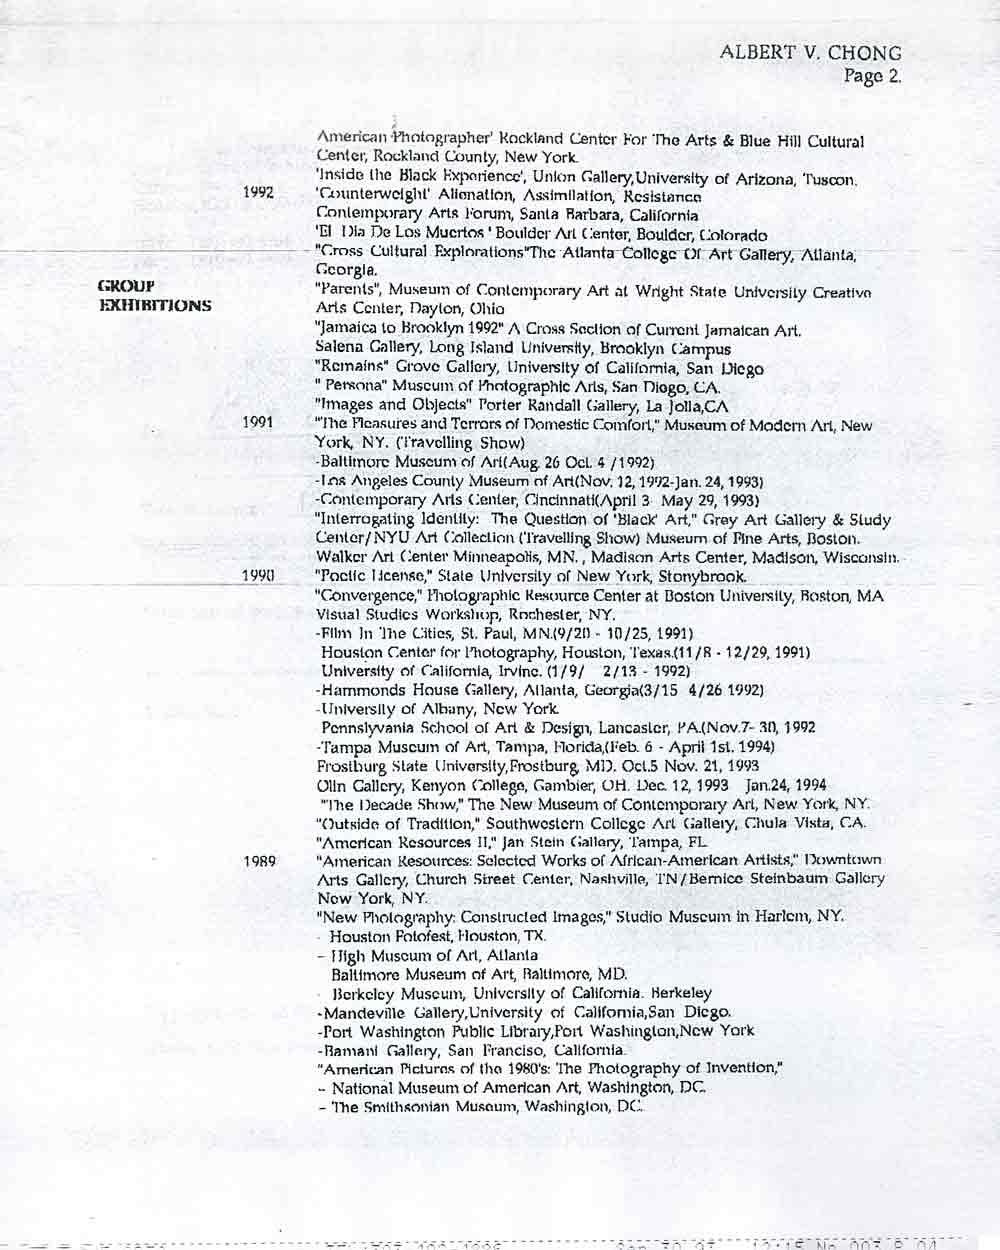 Albert Chong's Resume, pg 2